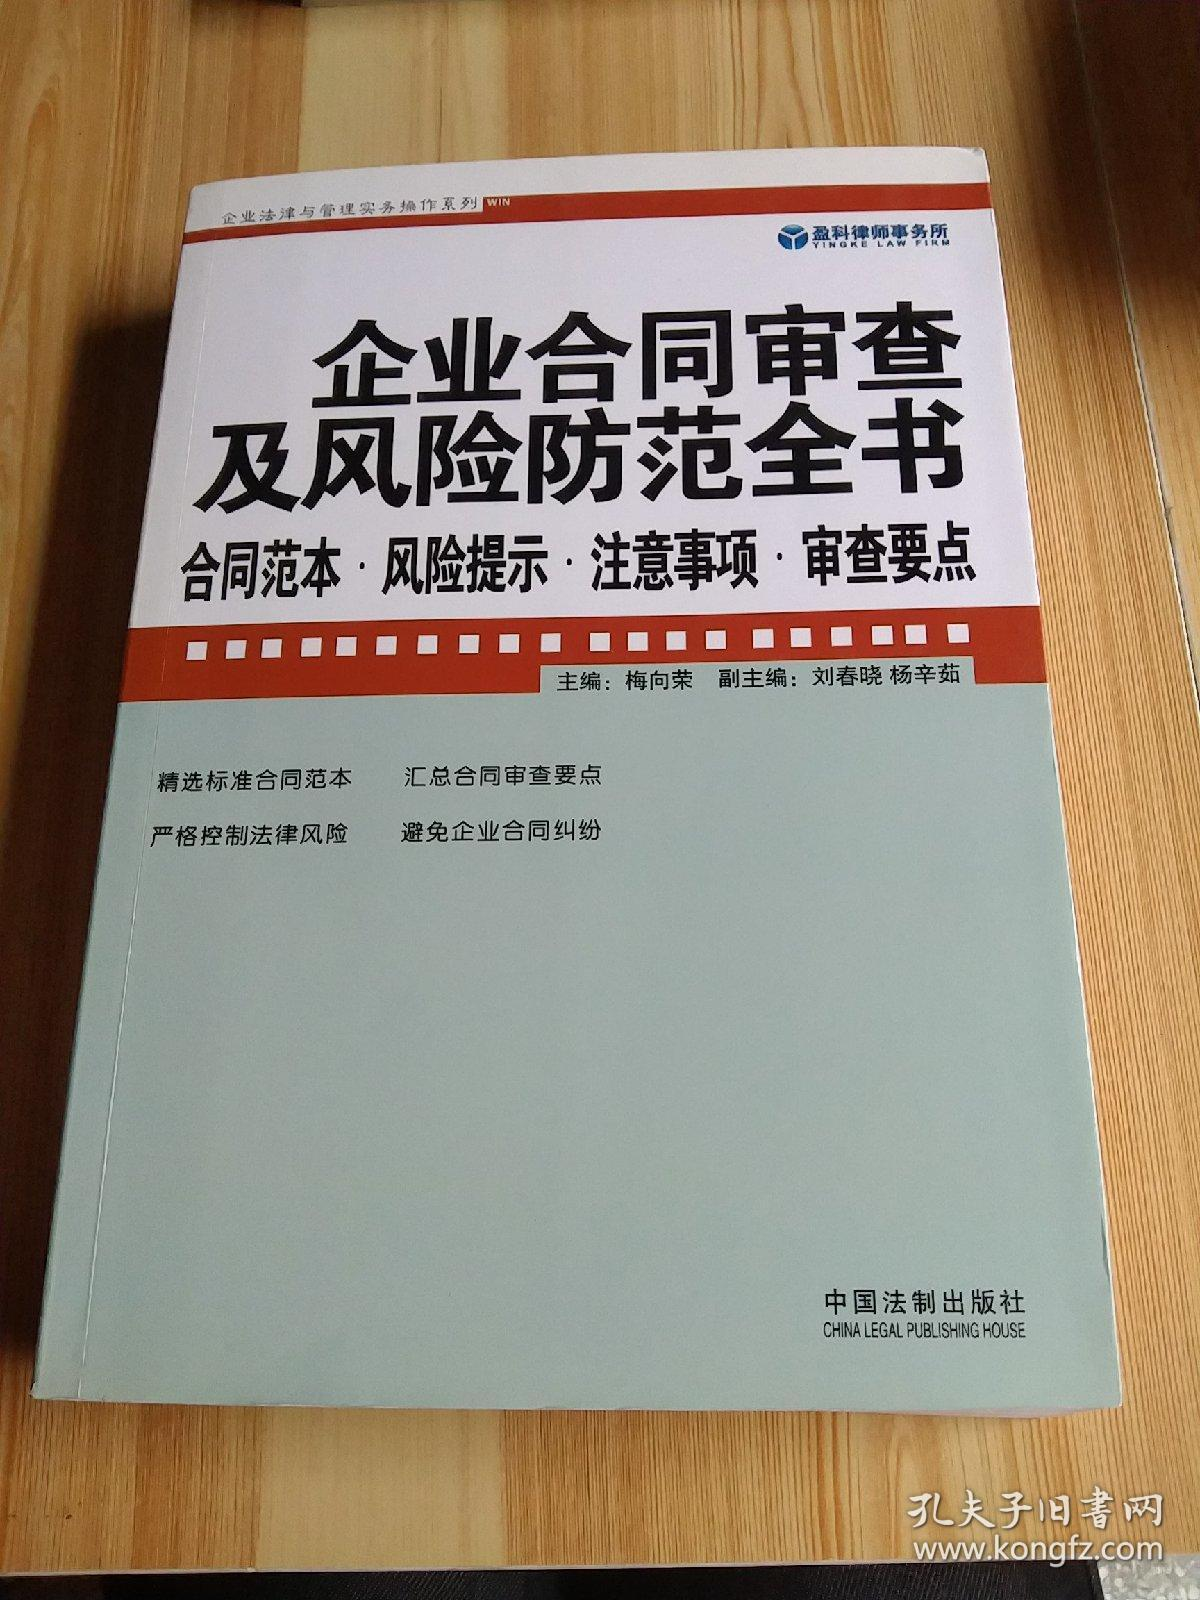 企业合同审查及风险防范全书:合同范本·风险提示·注意事项·审查要点